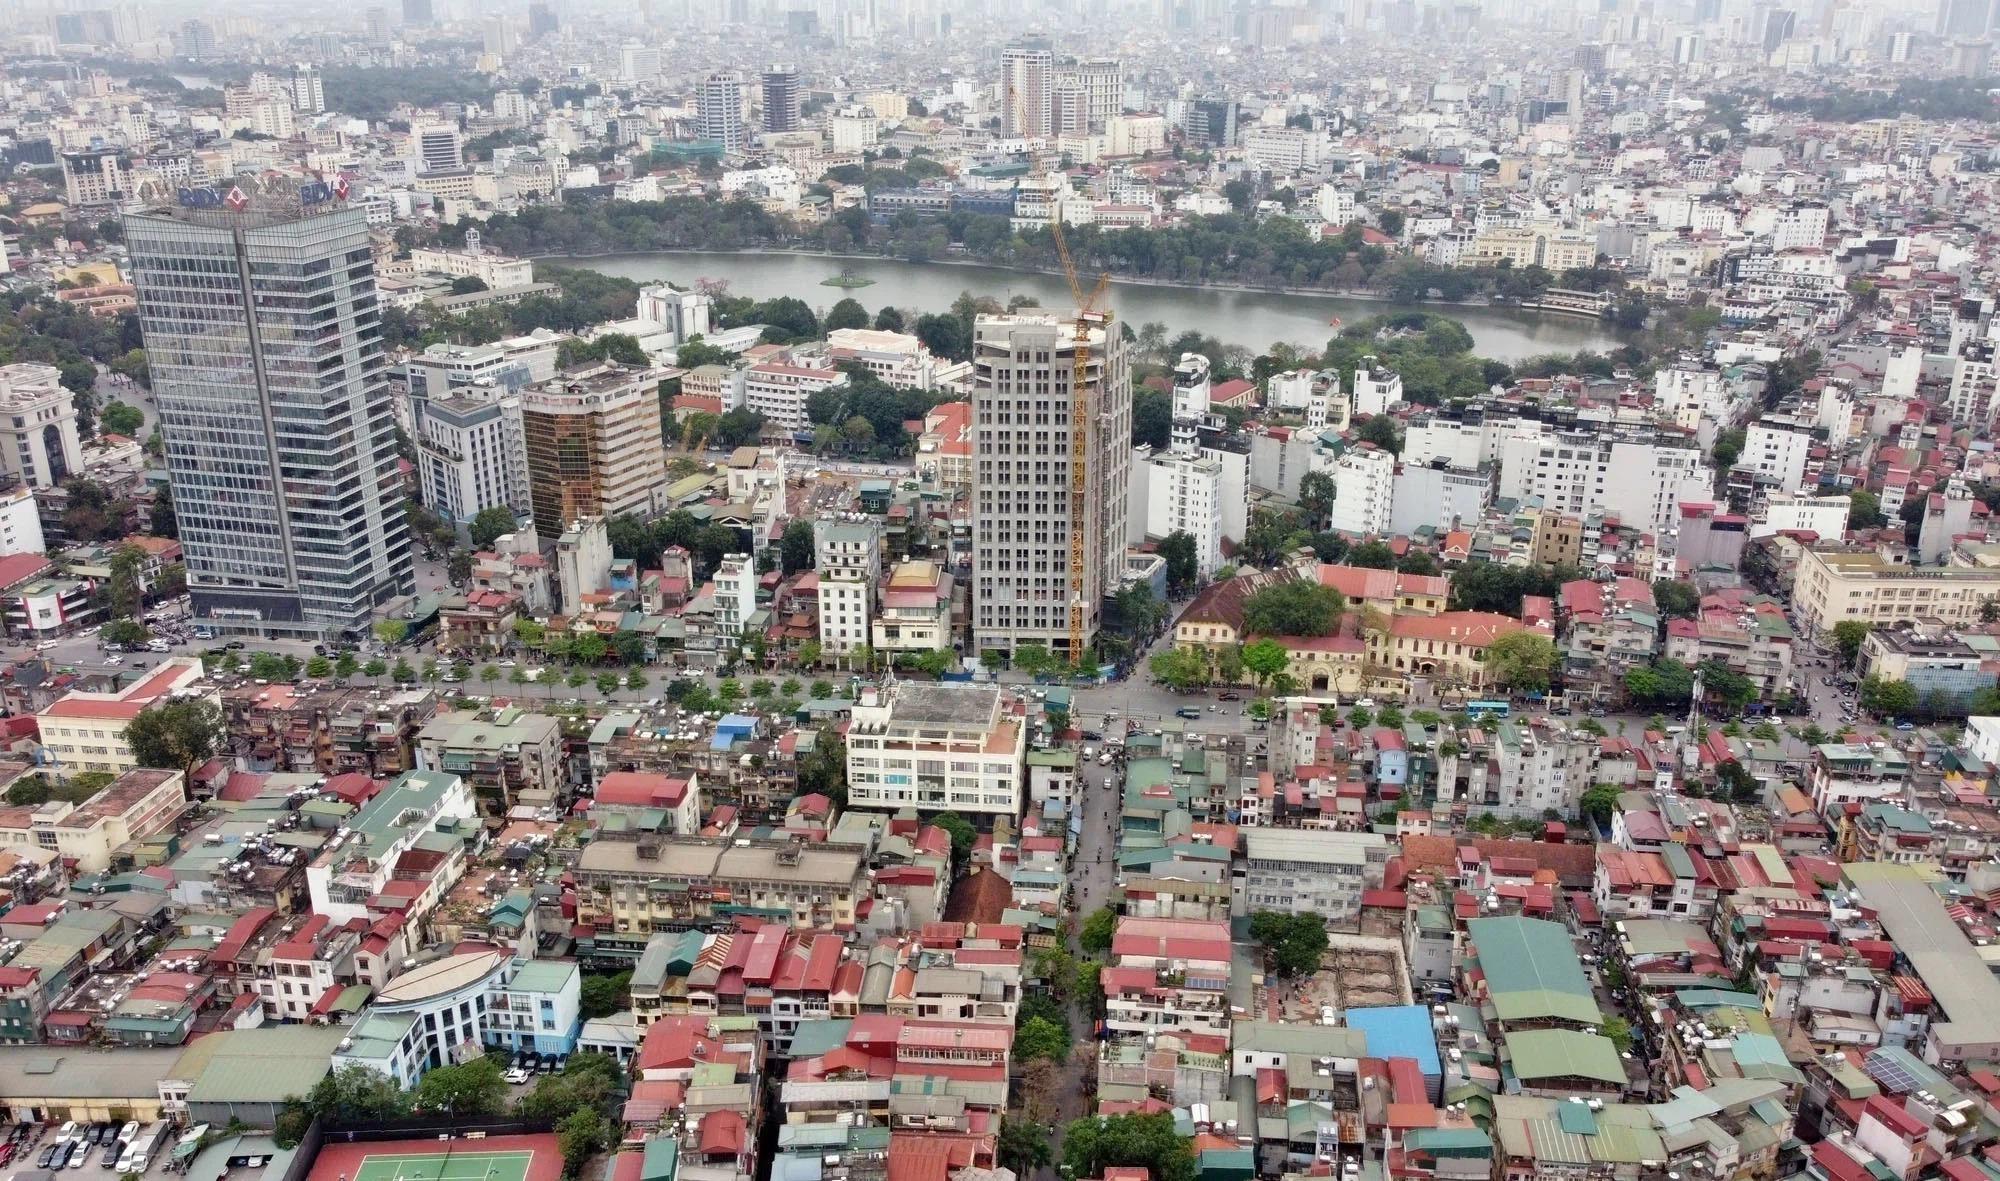 Hà Nội lập quy hoạch sử dụng đất thời kỳ 2021 - 2030 - Ảnh 1.